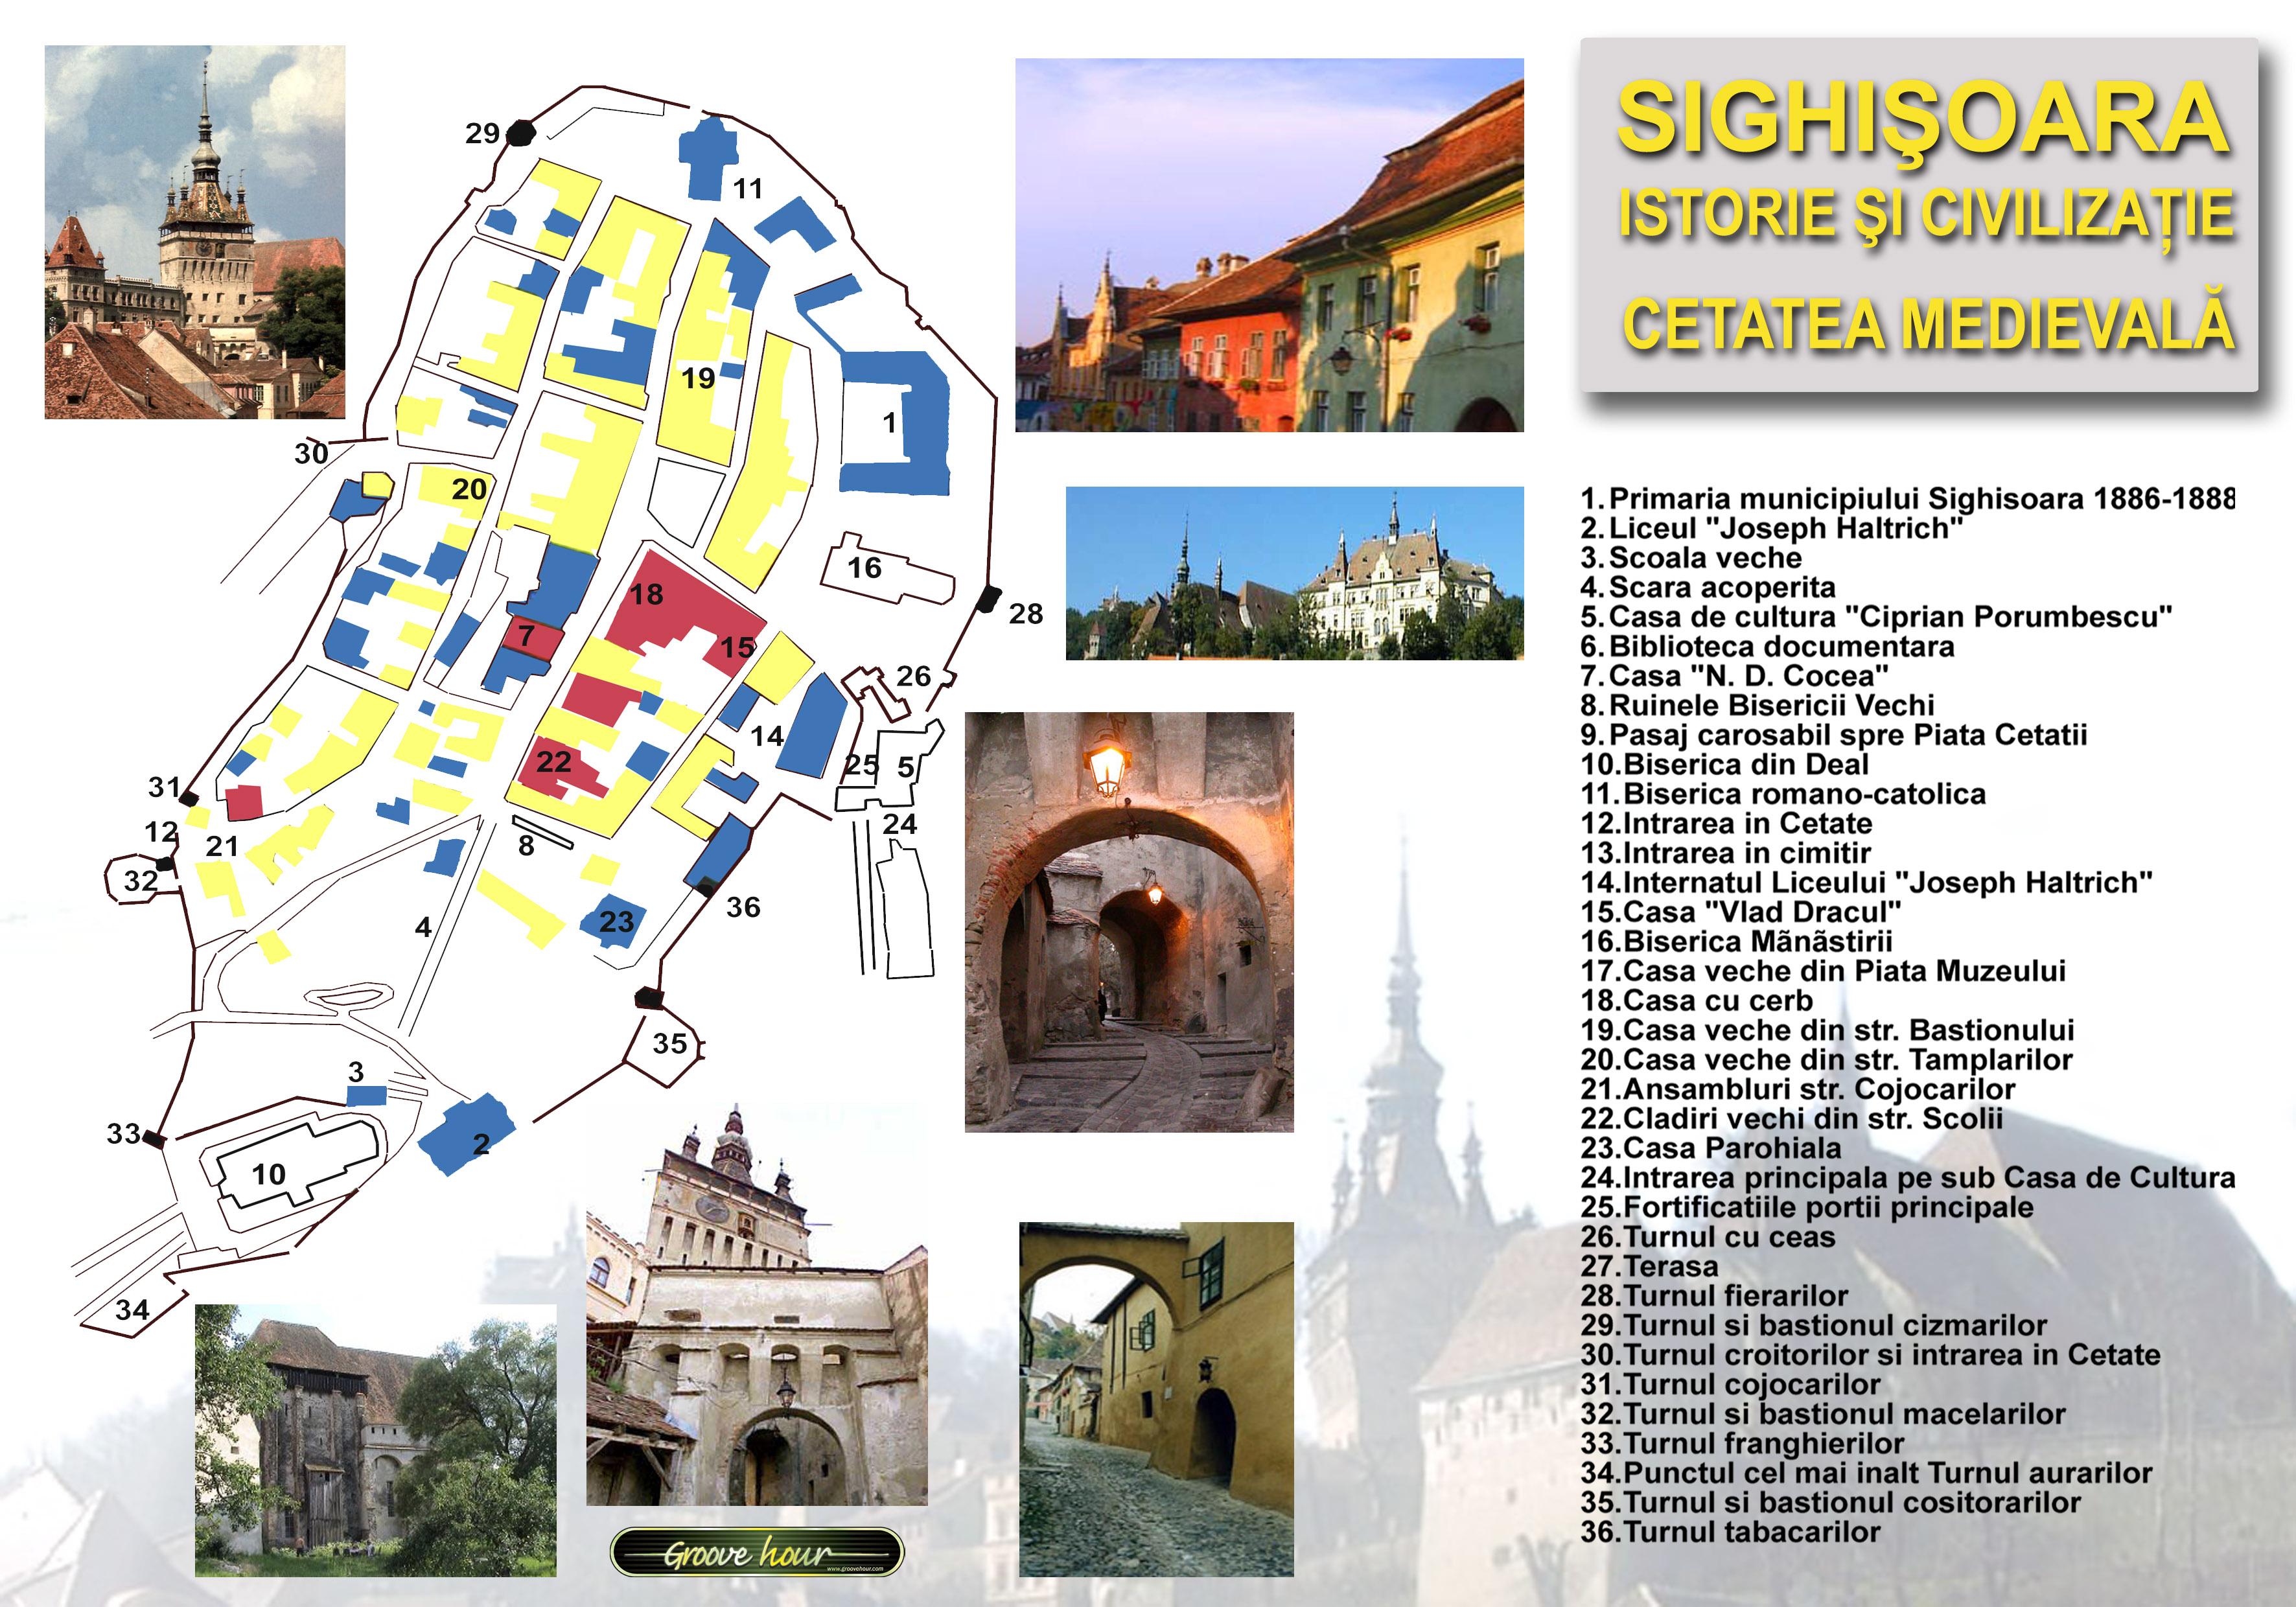 Harta Cetatii Medievale Sighisoara